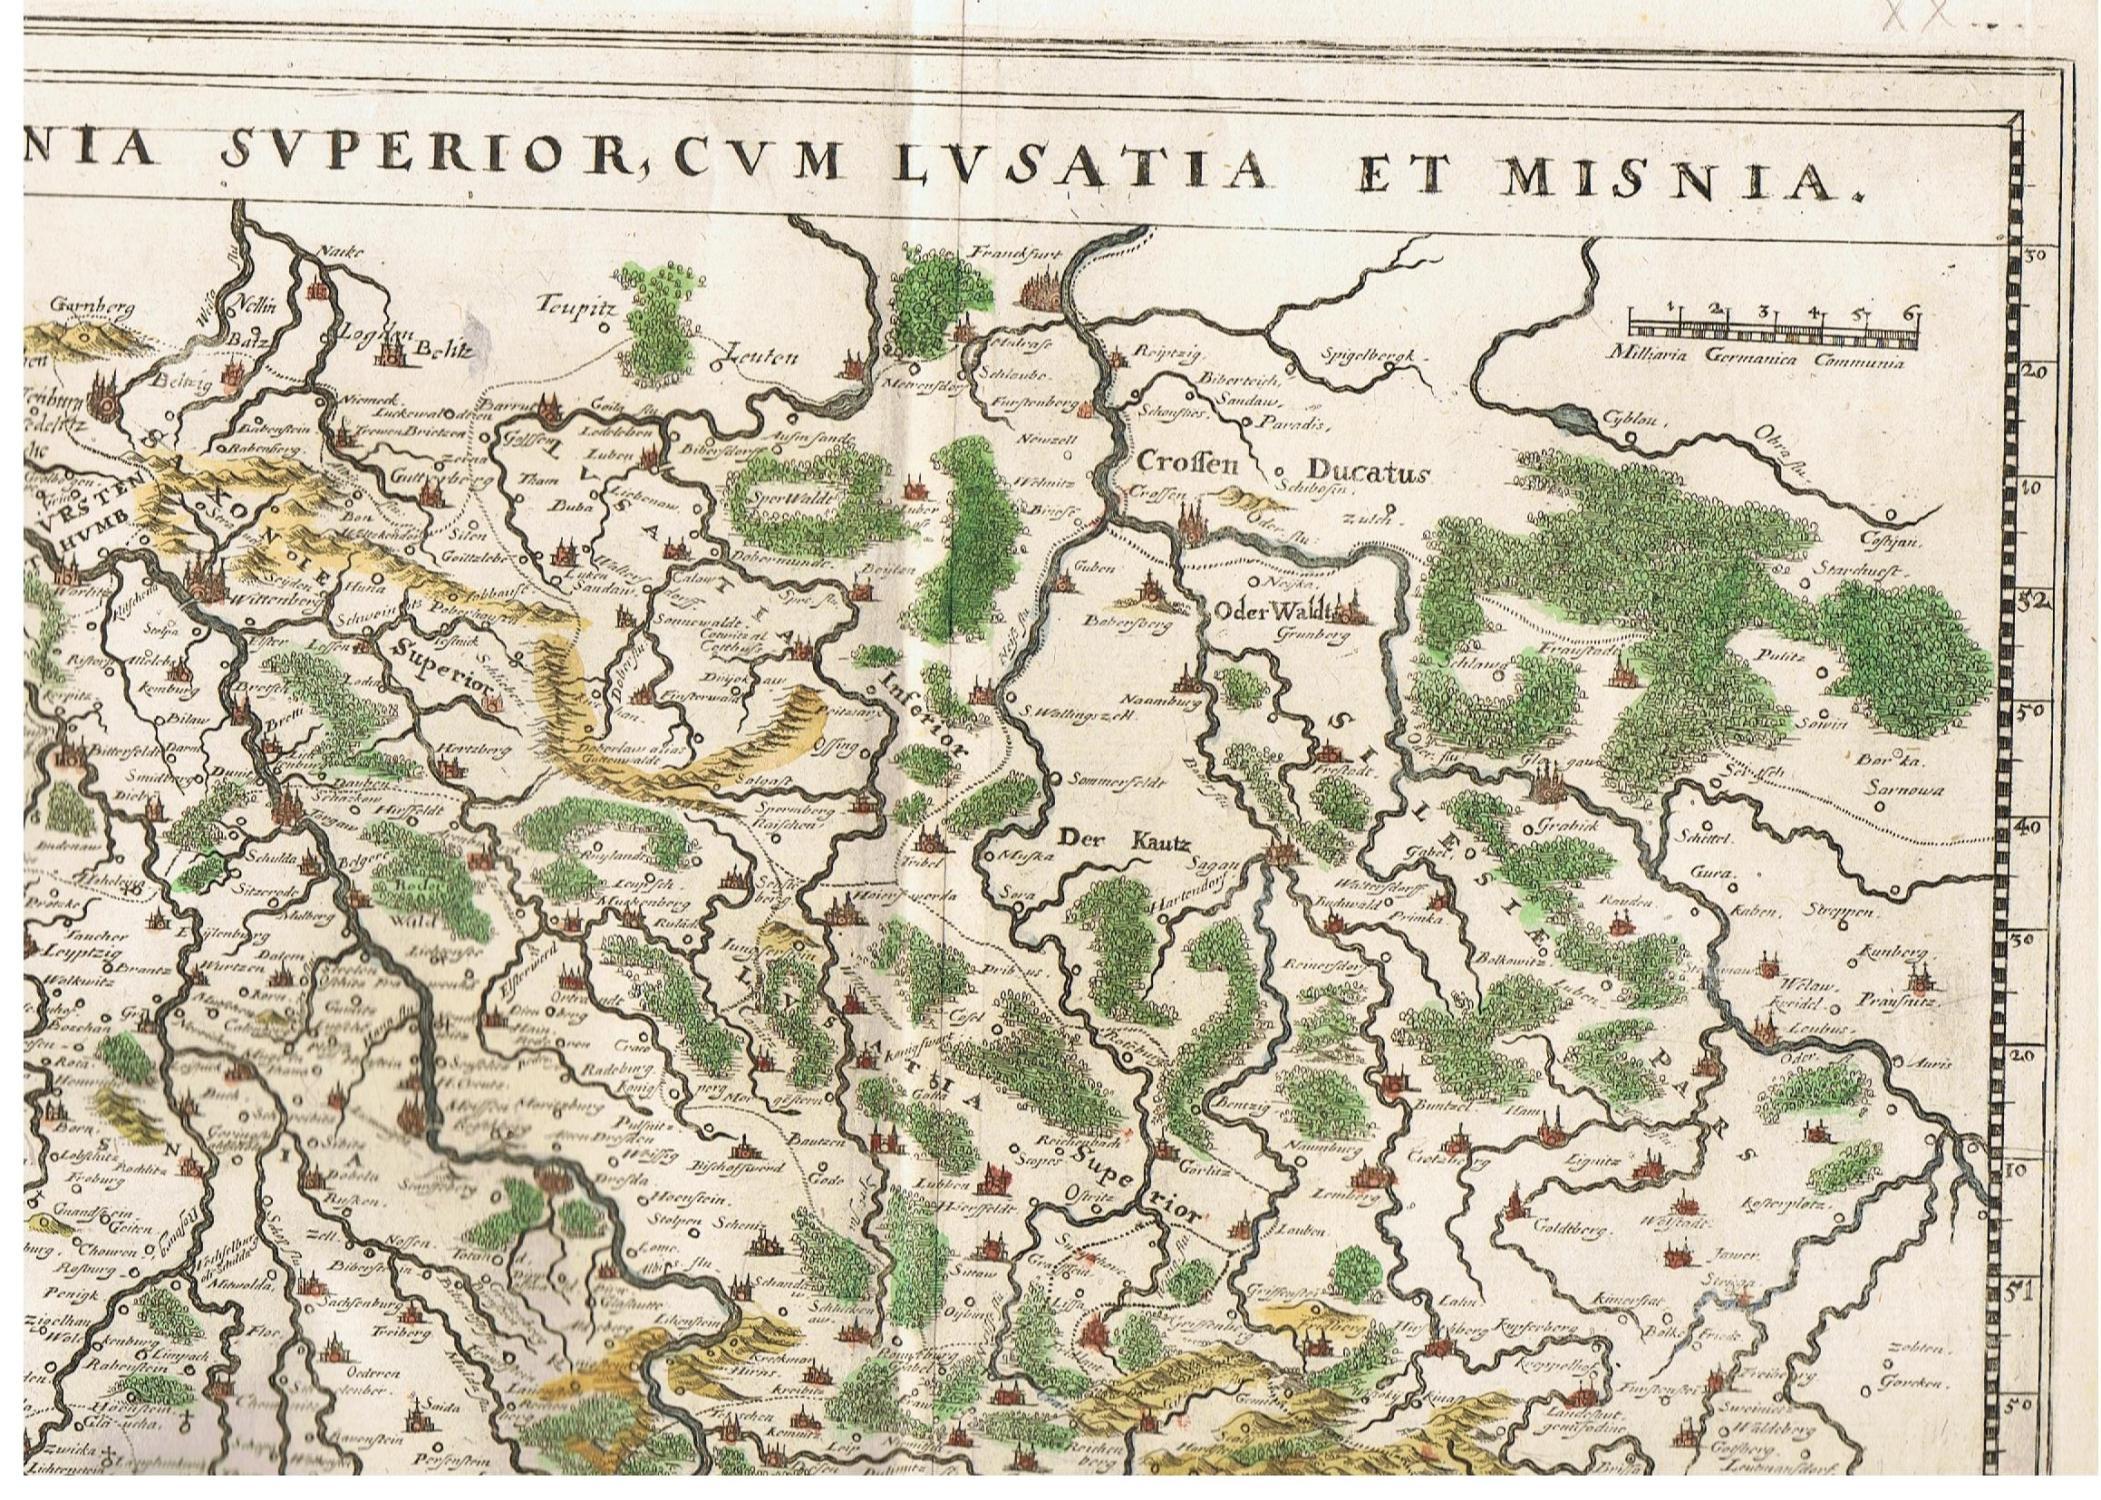 Lausitz Karte.Saxonia Superior Cum Lusatia Et Misnia